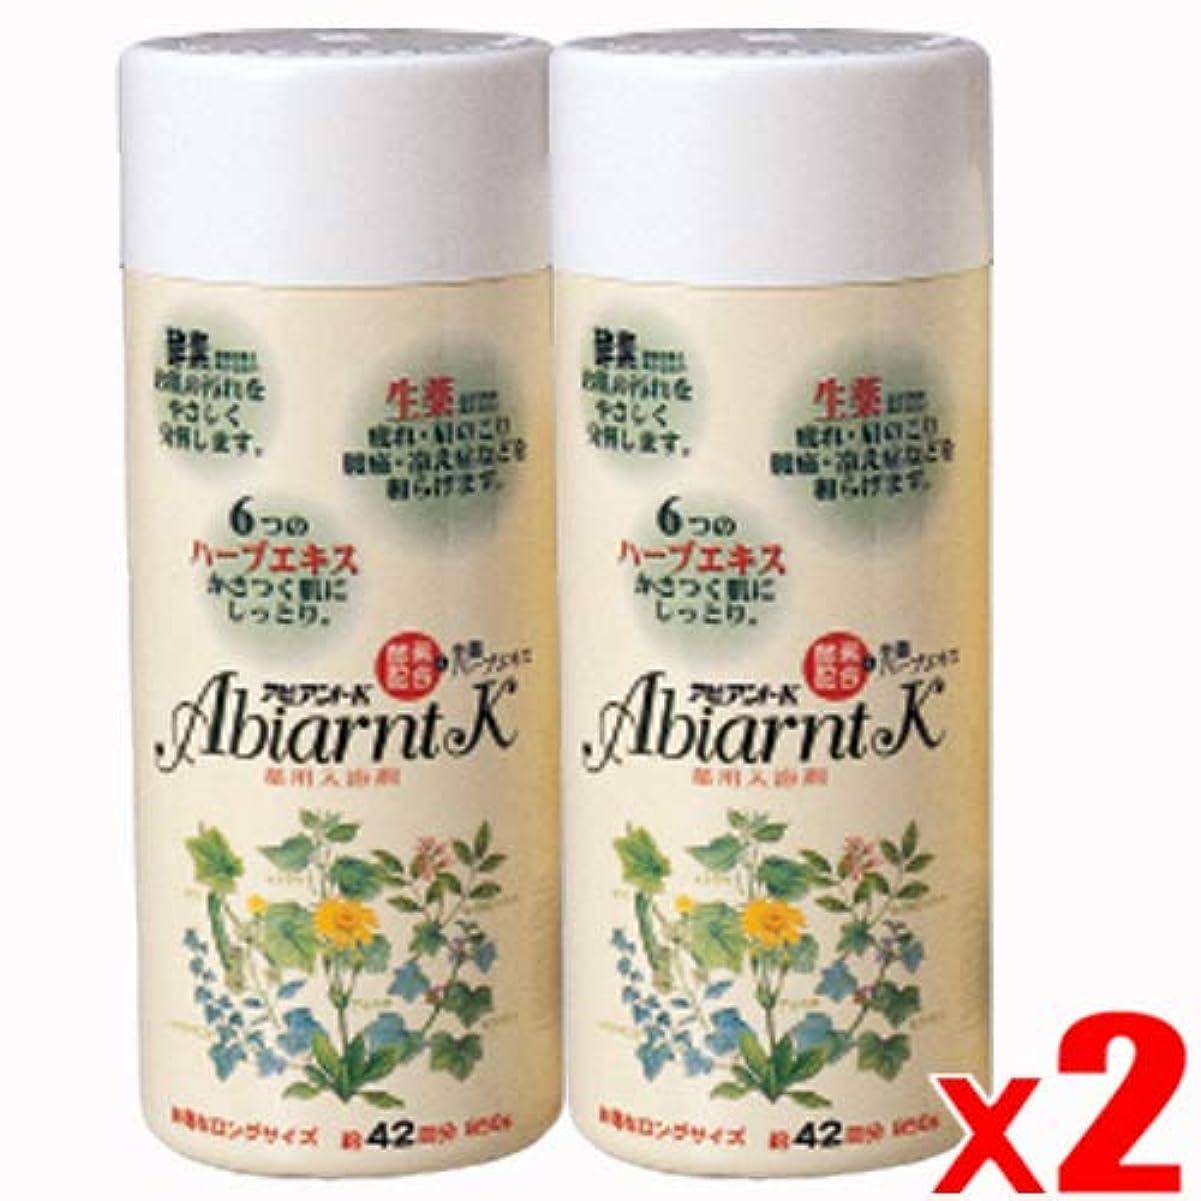 本部ラフ市民【2本】アビアントK 薬用入浴剤 850gx2本 (4987235024123-2)